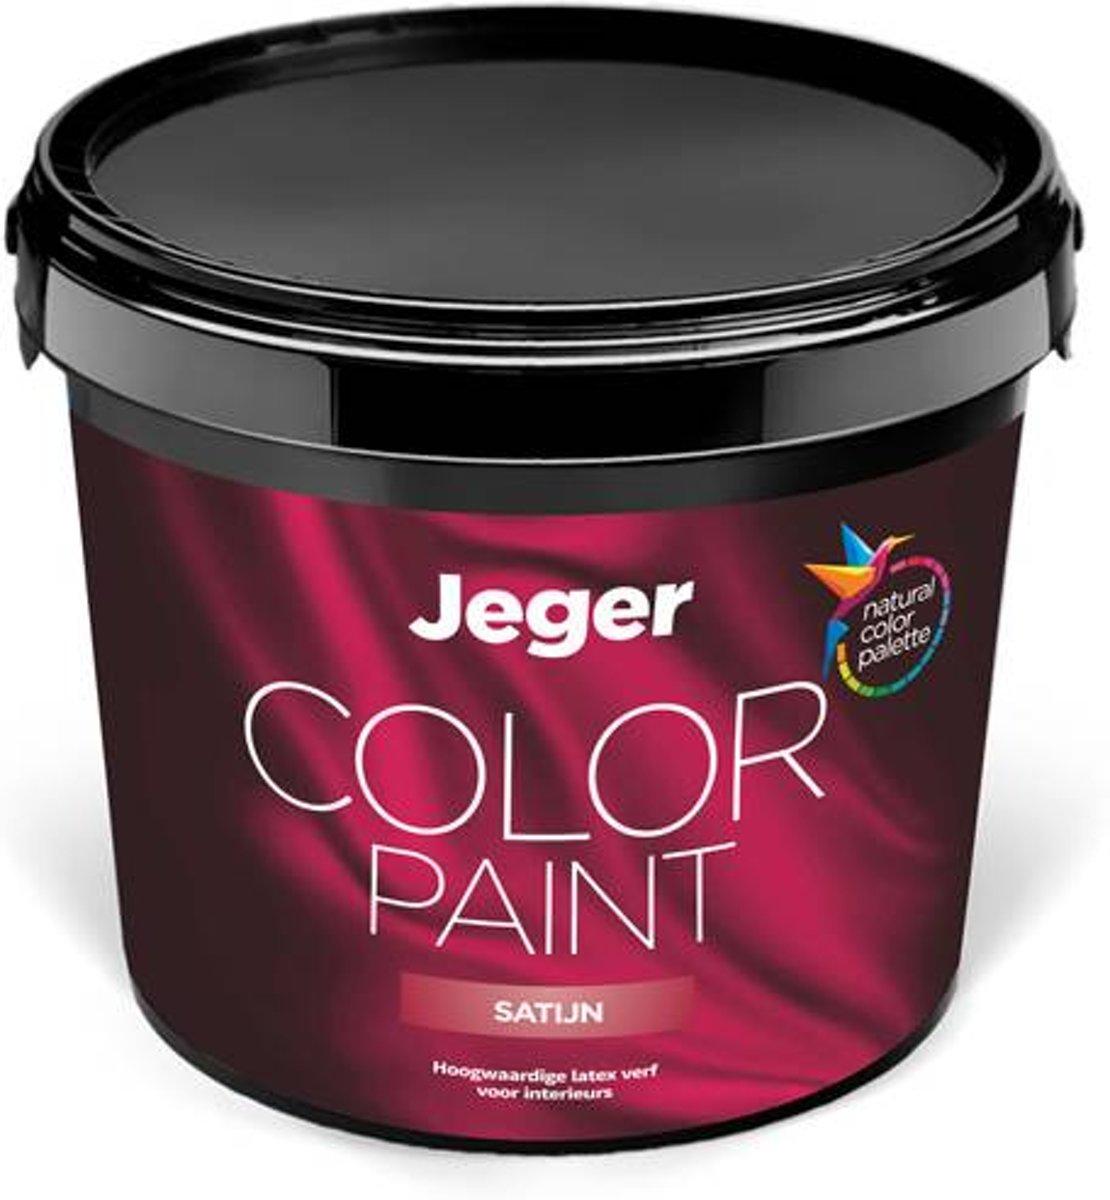 Jeger muurverf Satijn voor binnen | 10 liter | Kleur Zuiver wit (Reinwit) (RAL 9010) Zuiver wit (Reinwit) - 10L